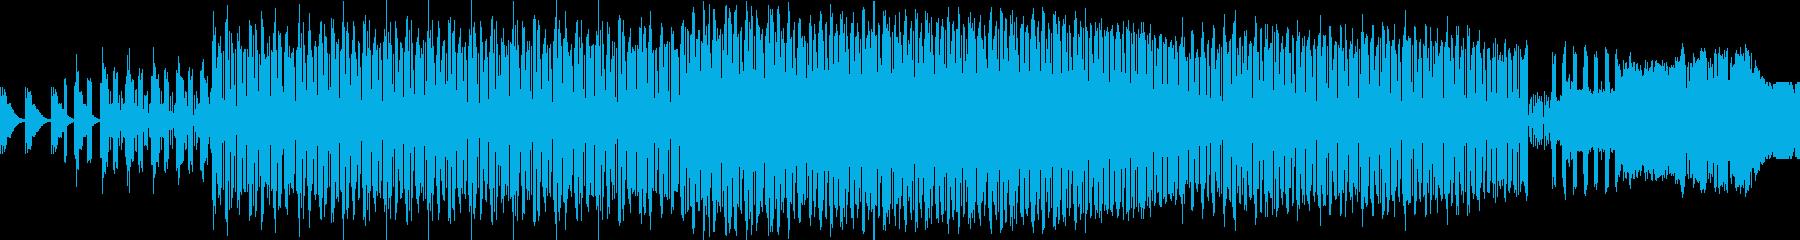 気になる待っています。主にドラムグ...の再生済みの波形